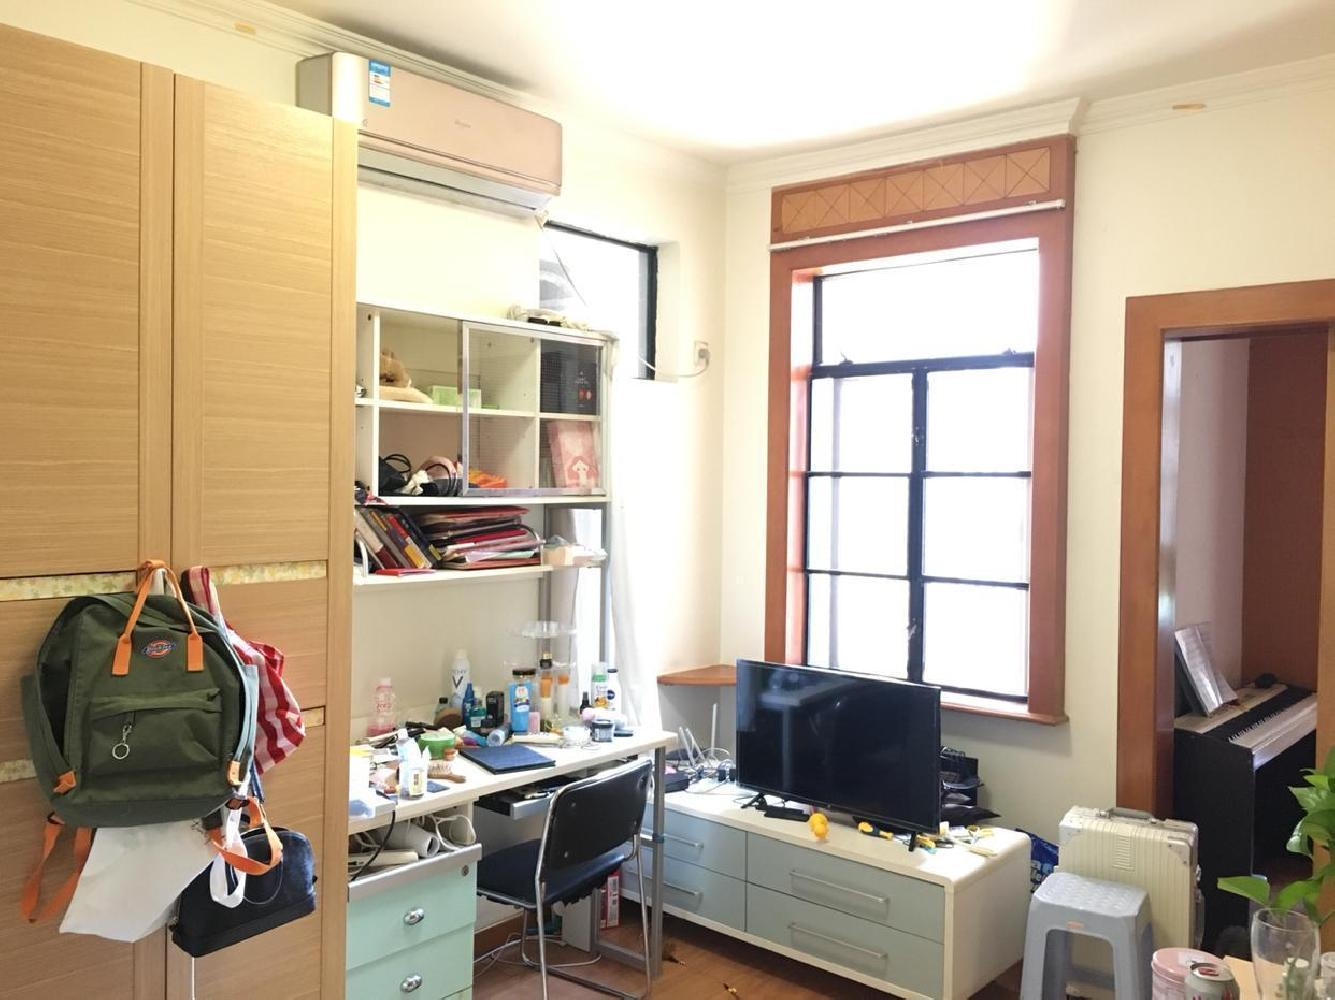 丽江德字楼 温馨一房 格局方正 配套完善 交房方便122万卖